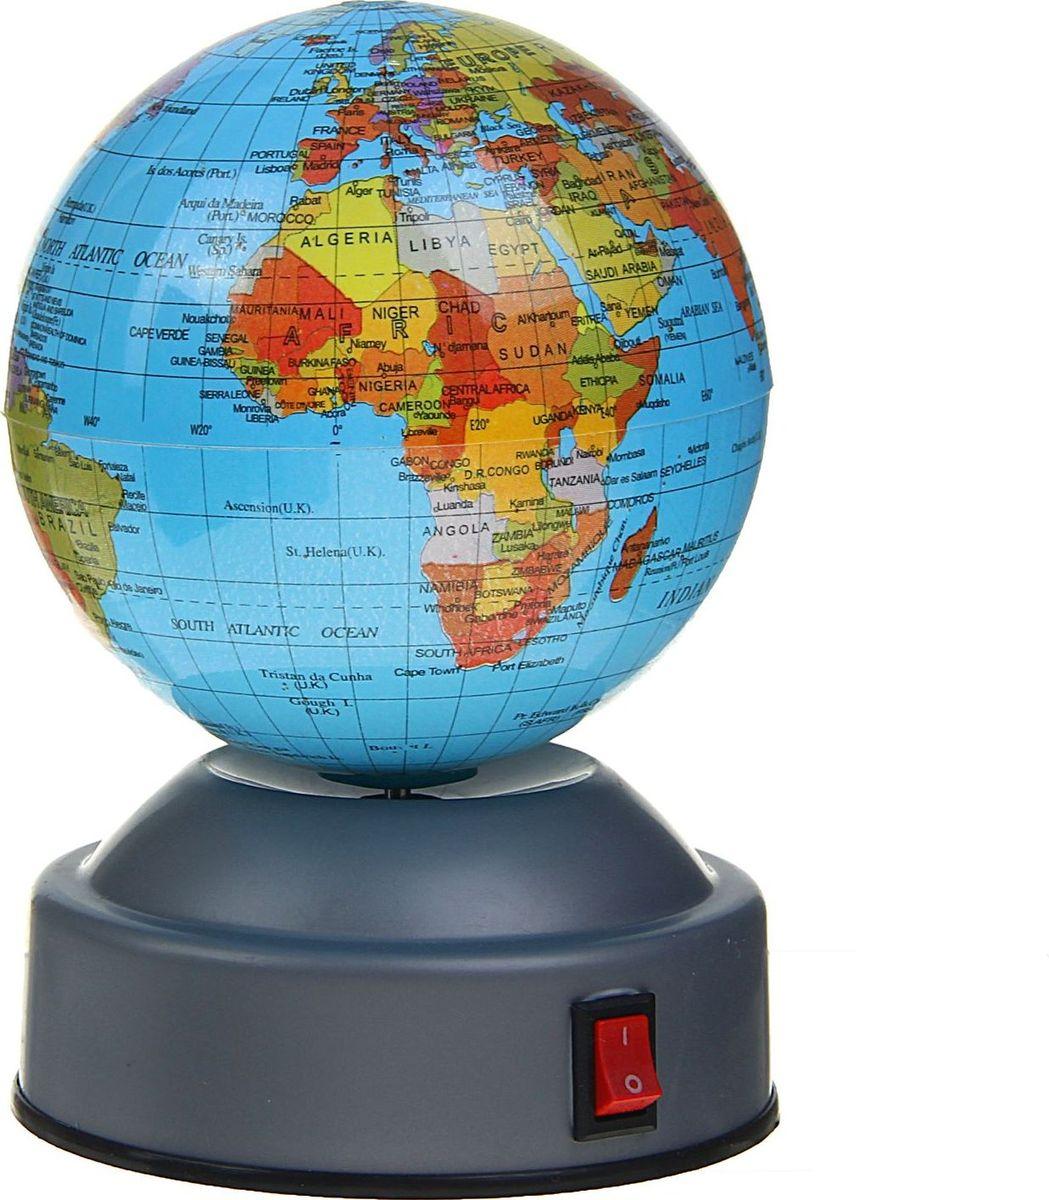 Глобус Политическая карта на английском языке диаметр 8 см1367015Данная модель дает представление о политическом устройстве мира. Макет показывает расположение государств, столиц и крупных населенных пунктов. Названия всех объектов приведены на английском языке. Страны окрашены в разные цвета, чтобы вам было удобнее ориентироваться. На глобусе отображены: экватор параллели меридианы градусы государственные границы. Характеристики Высота глобуса с подставкой: 12 см. Диаметр: 8 см. Изделие изготовлено из прочного пластика.